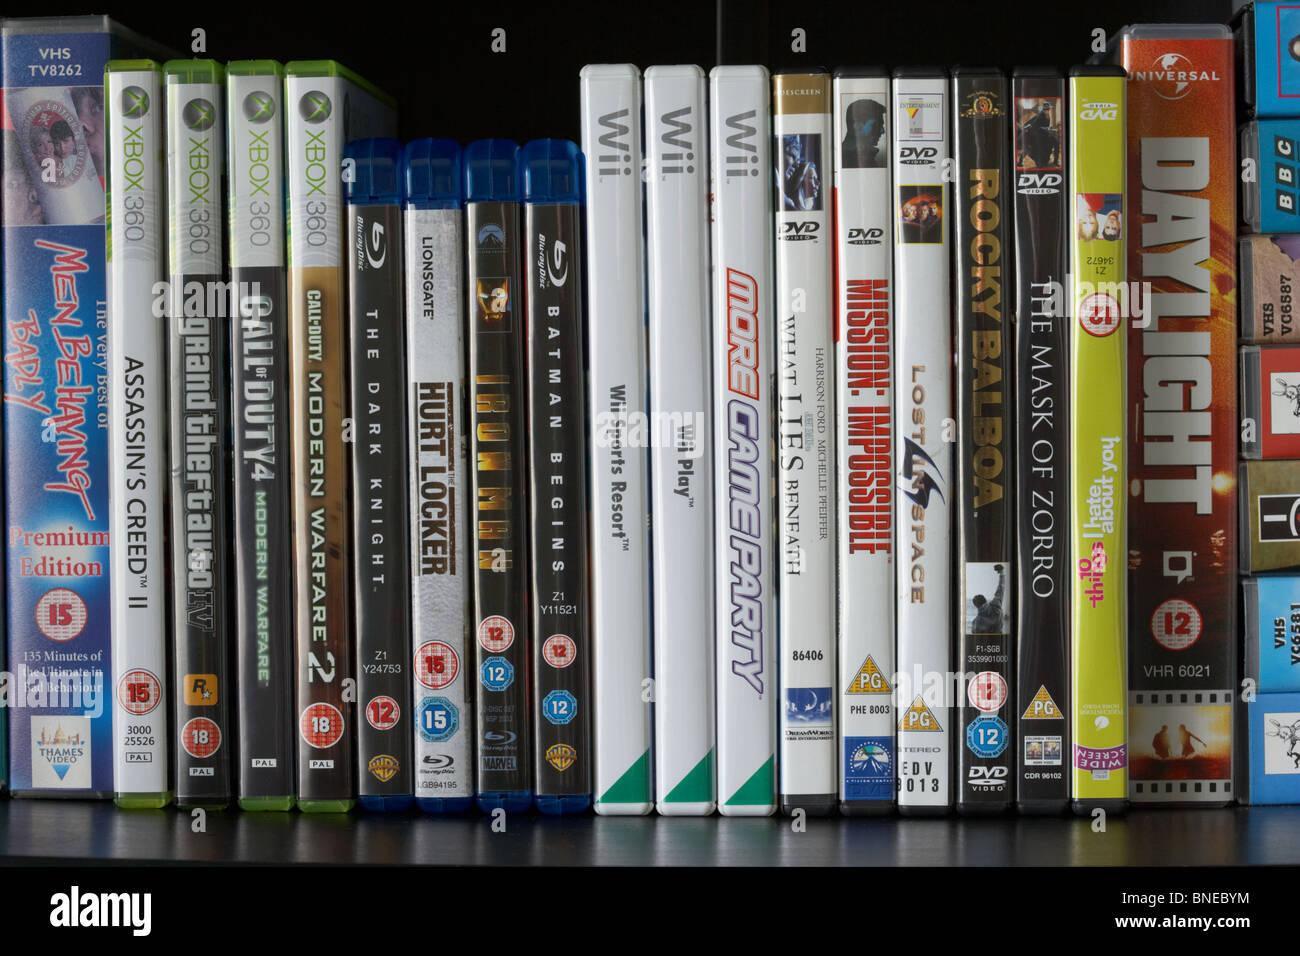 Fila di vhs dvd blu-ray video e casi di Wii e xbox360 video giochi su un ripiano nel Regno Unito Immagini Stock